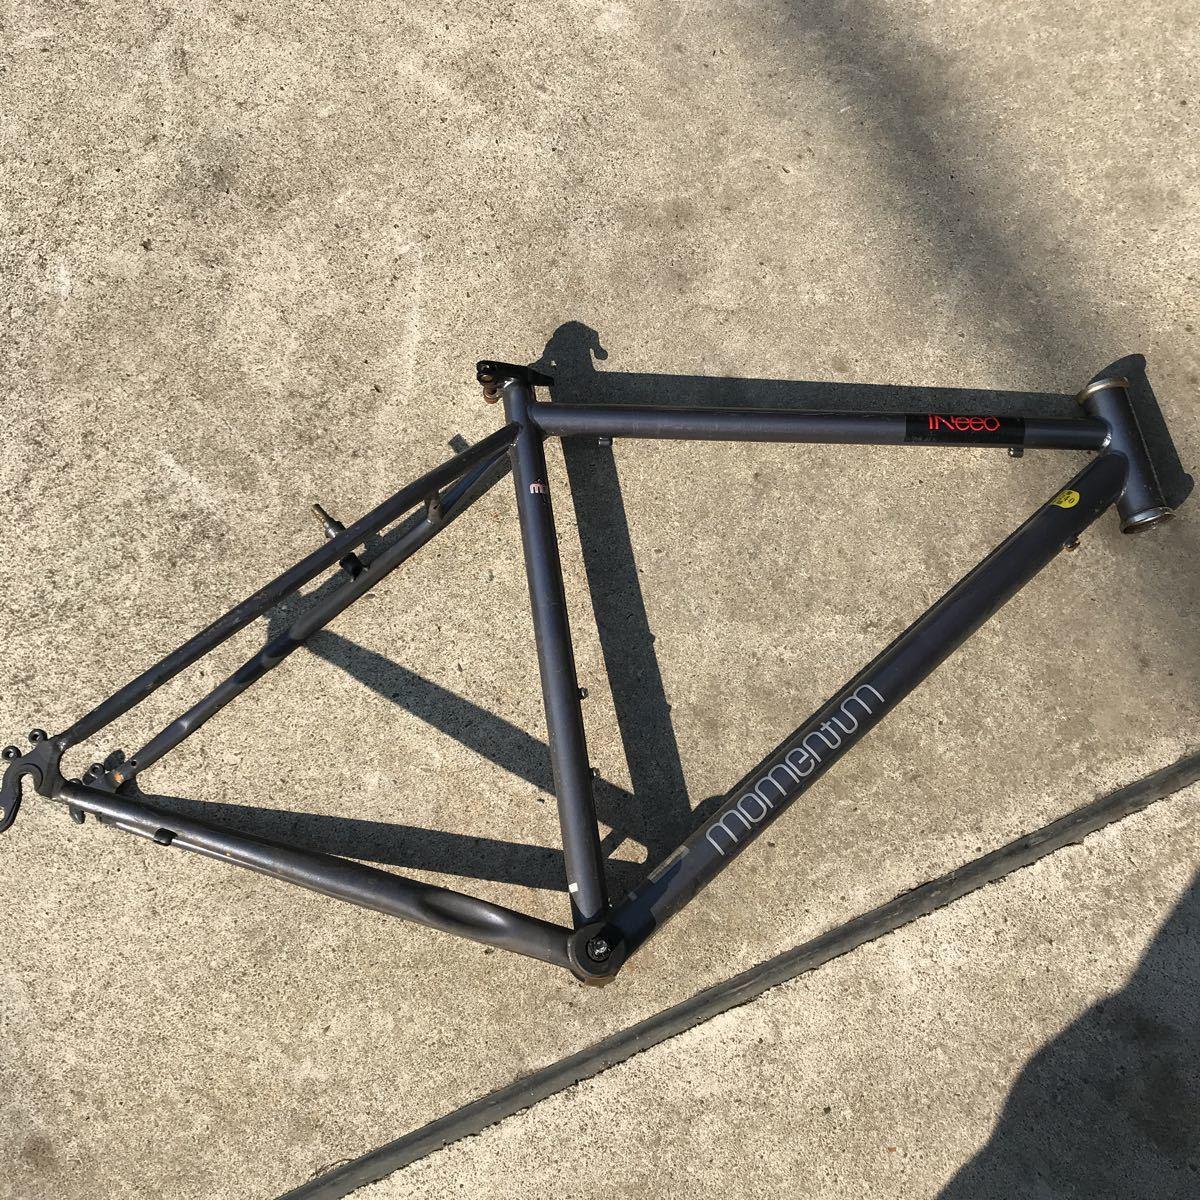 momentum モーメンタム クロスバイク フレーム 500mm 700×28c ジャイアント 中古 28-700_画像1